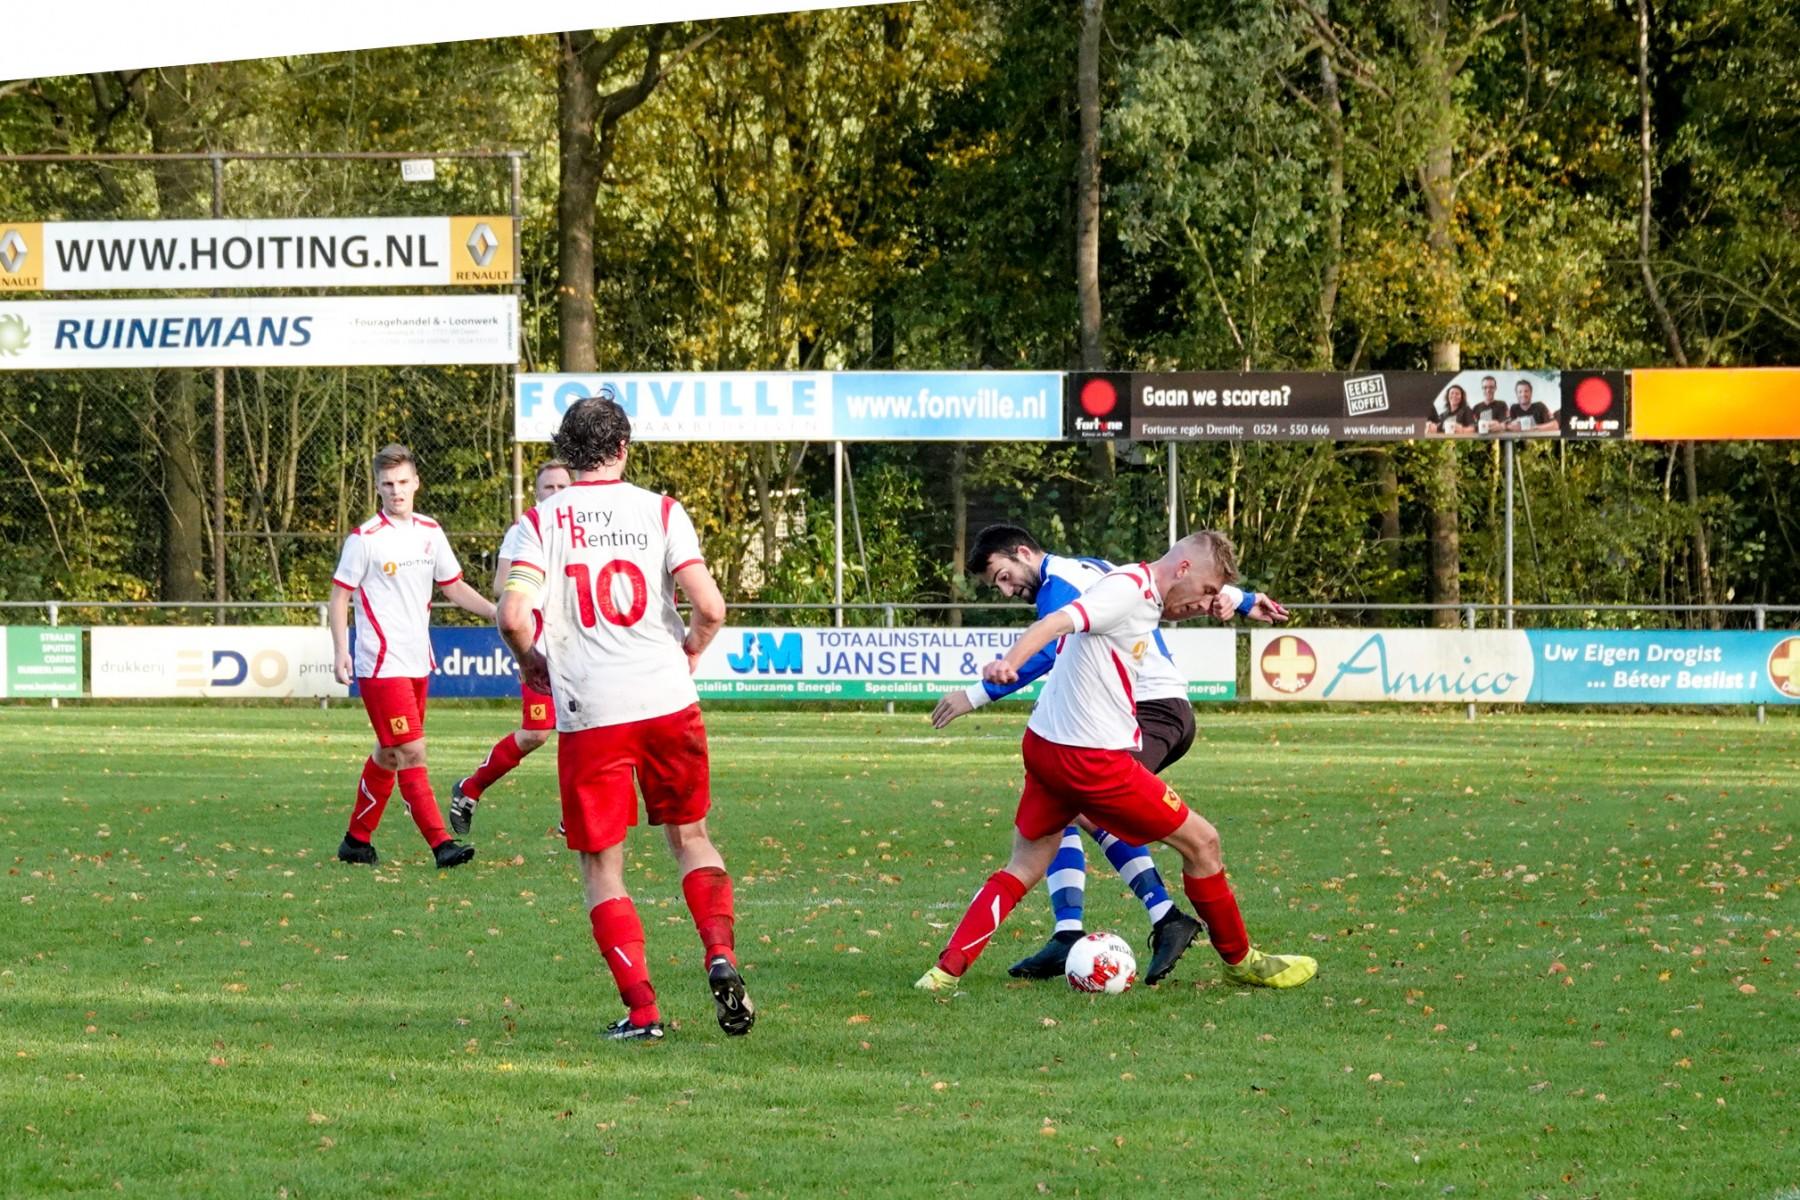 Foto spelsituatie VV Dalen